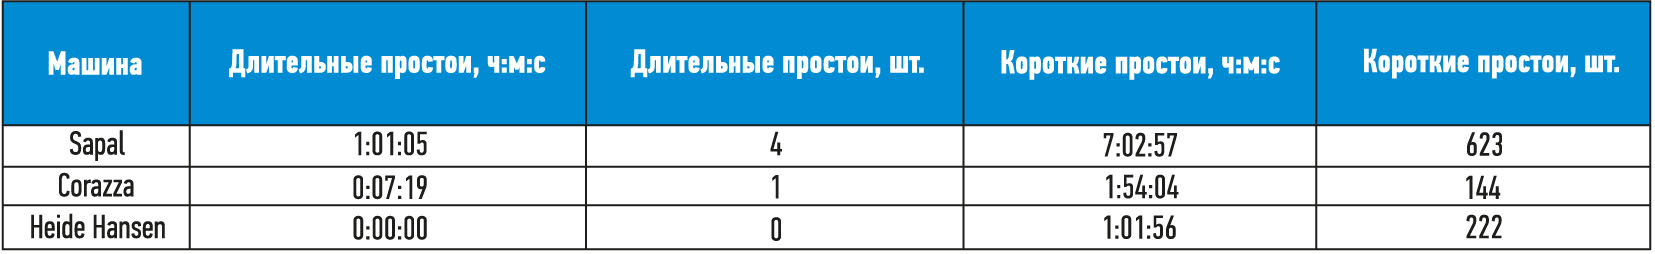 Рис. 8. Вид таблицы простоев